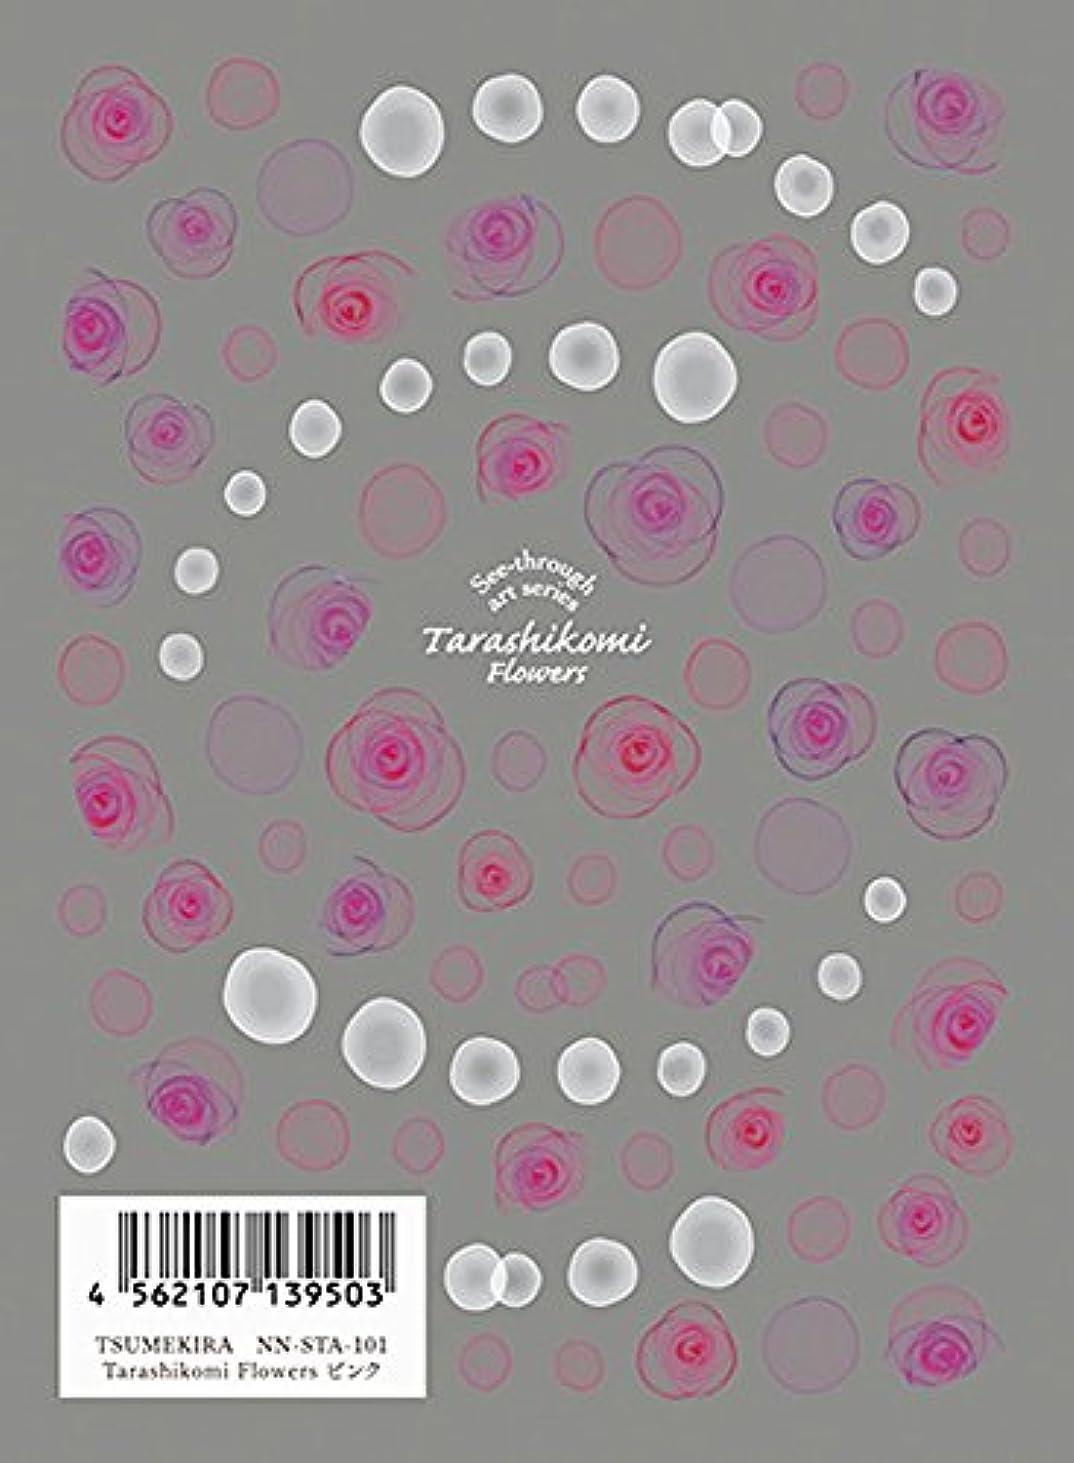 普通に護衛祈るツメキラ(TSUMEKIRA) ネイル用シール Tarashikomi Flowers ピンク NN-STA-101